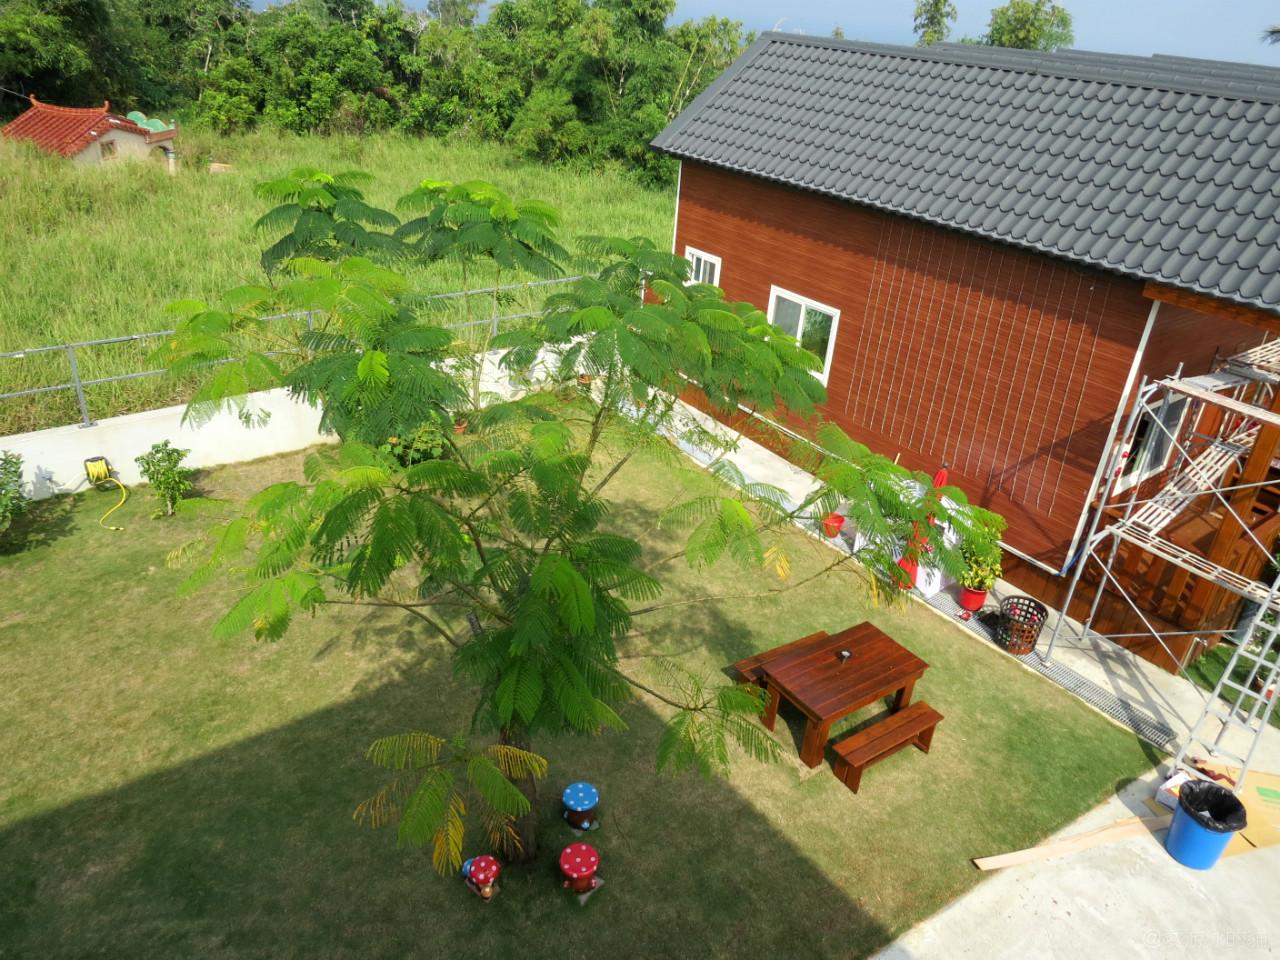 小琉球民宿-源和居-大空間大草坪